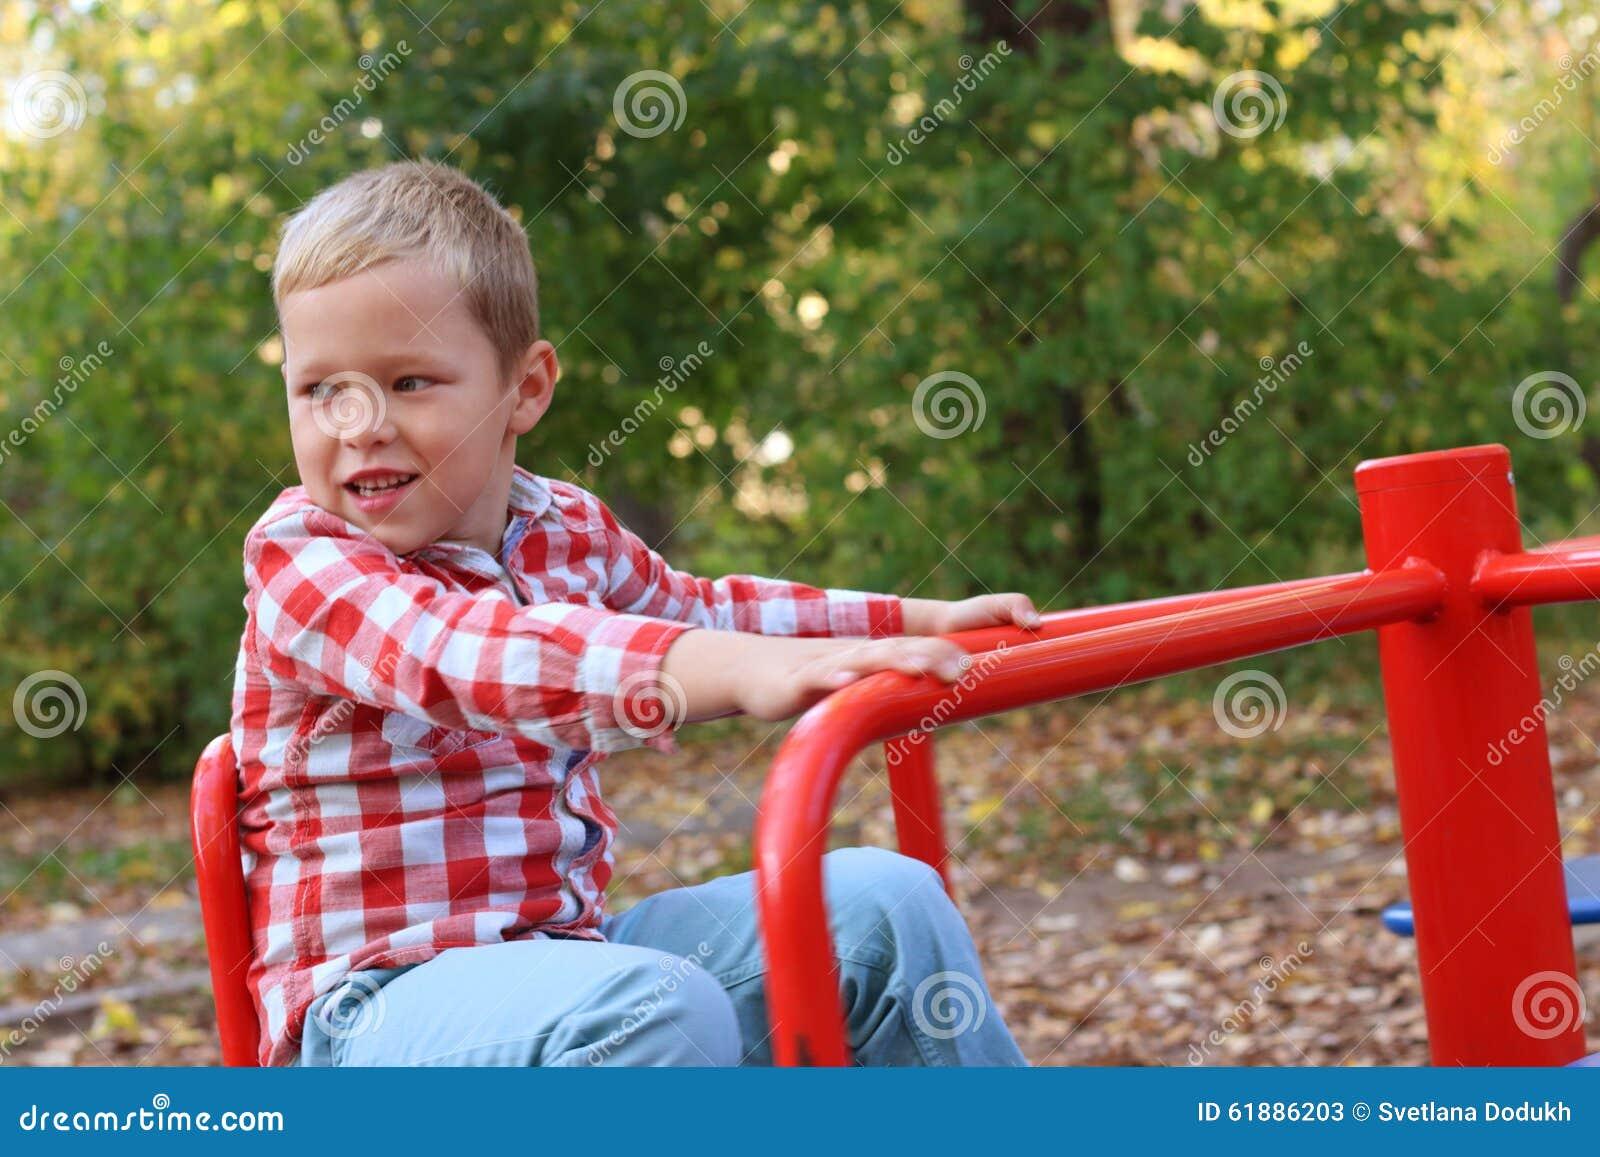 Knap weinig jongen in overhemdsspelen op kleine carrousel